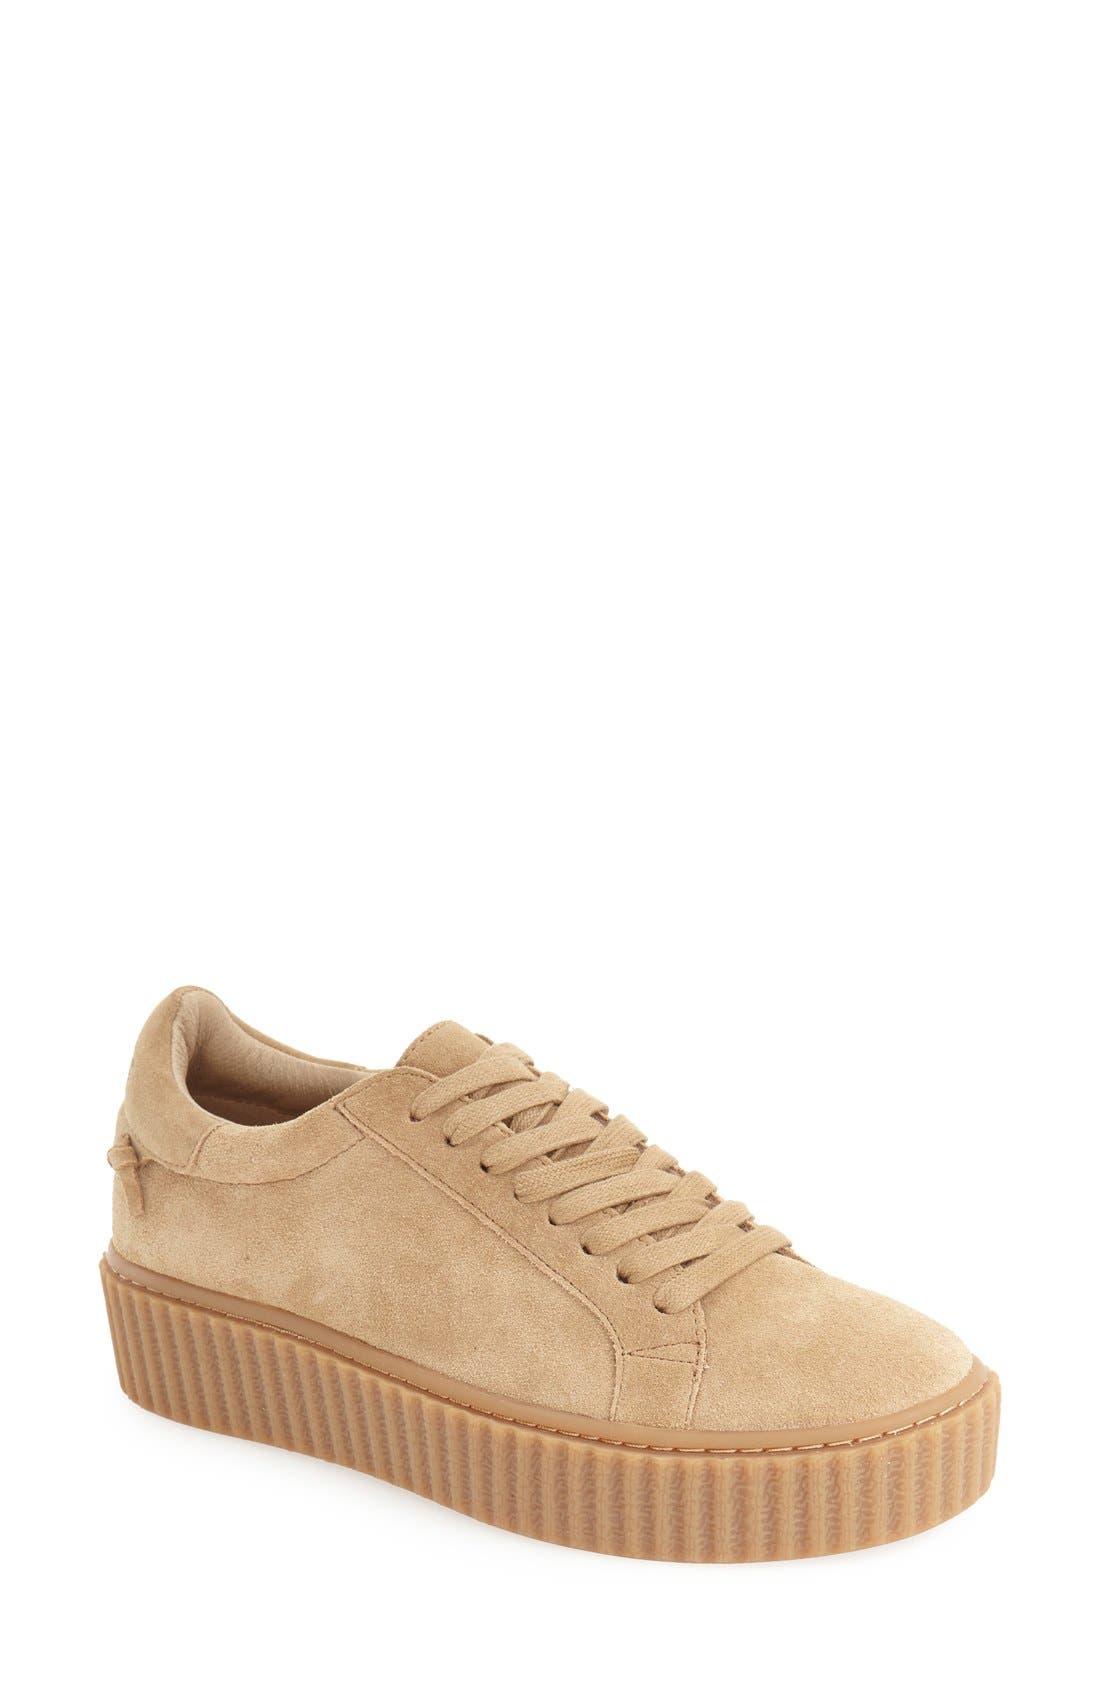 Alternate Image 1 Selected - JSlides 'Parker' Platform Sneaker (Women)